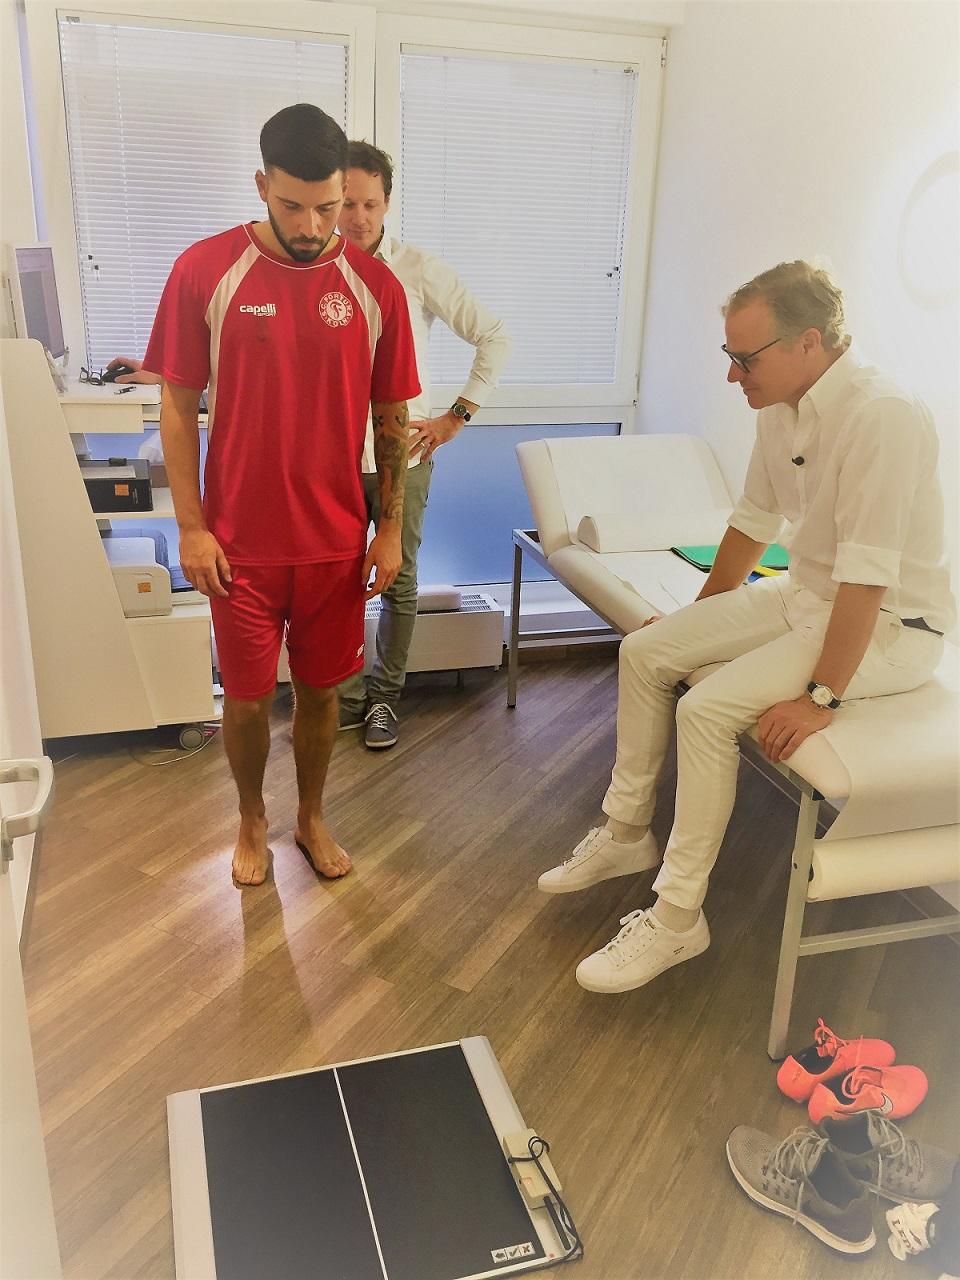 Präventivdiagnostik für Sportler - Verletzungen vorbeugen